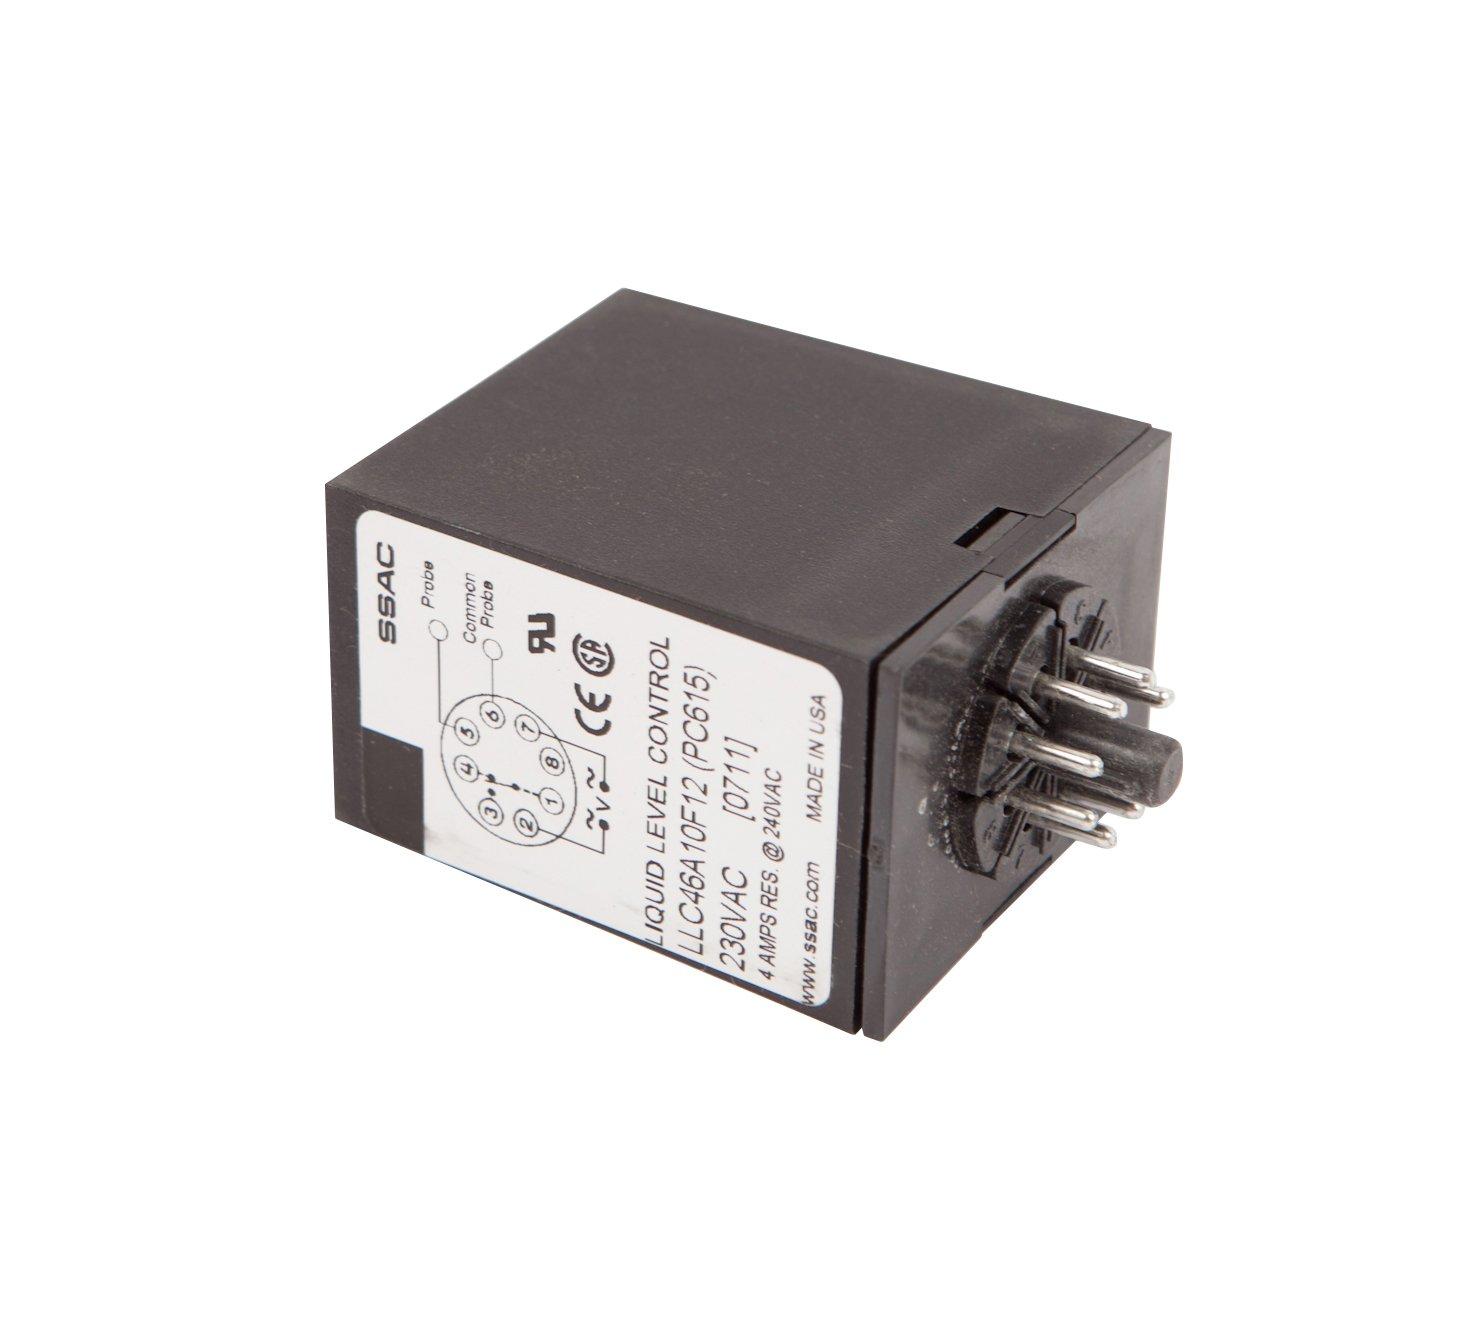 Power Soak Systems Inc 19885 Liquid Level Control, 220 Volt